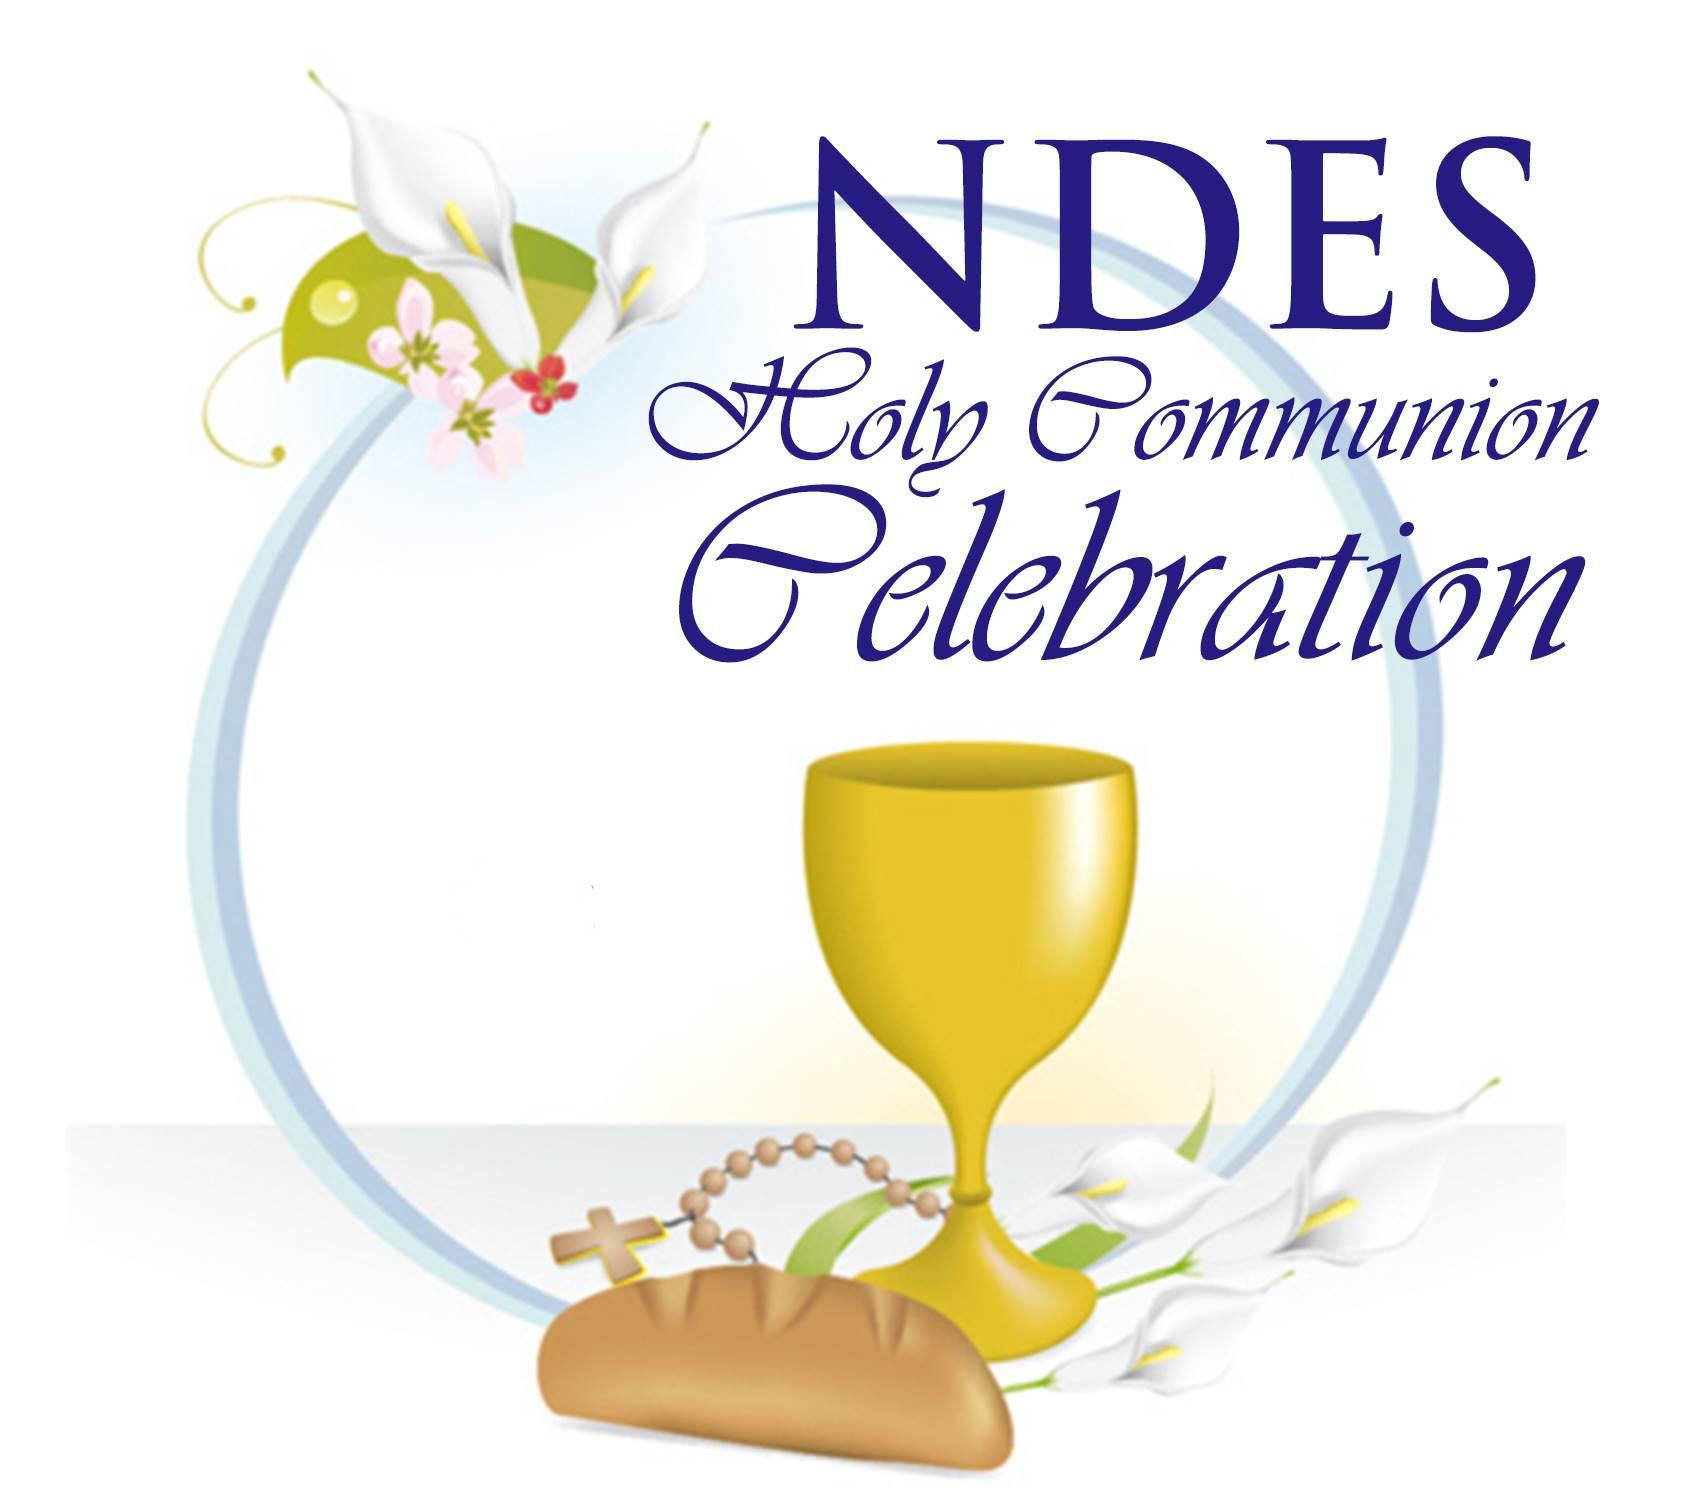 Holy Communion Celebration